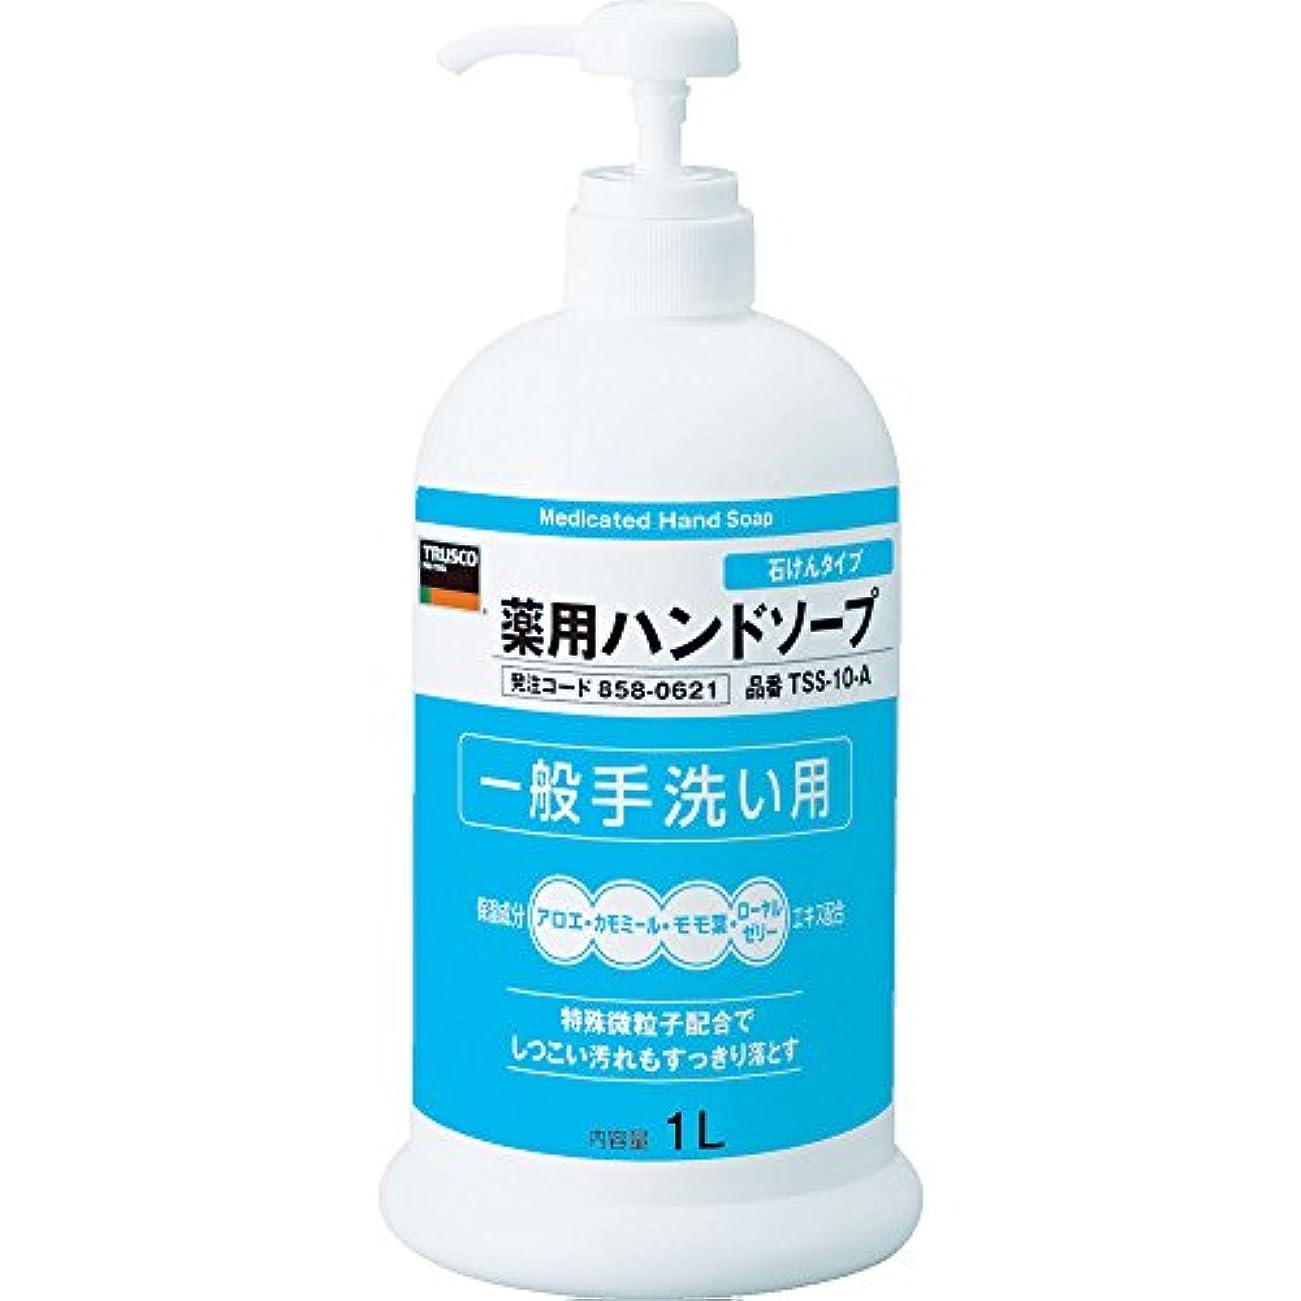 悪魔調整する流産TRUSCO(トラスコ) 薬用ハンドソープ 石けんタイプ ポンプボトル 1.0L TSS-10-A